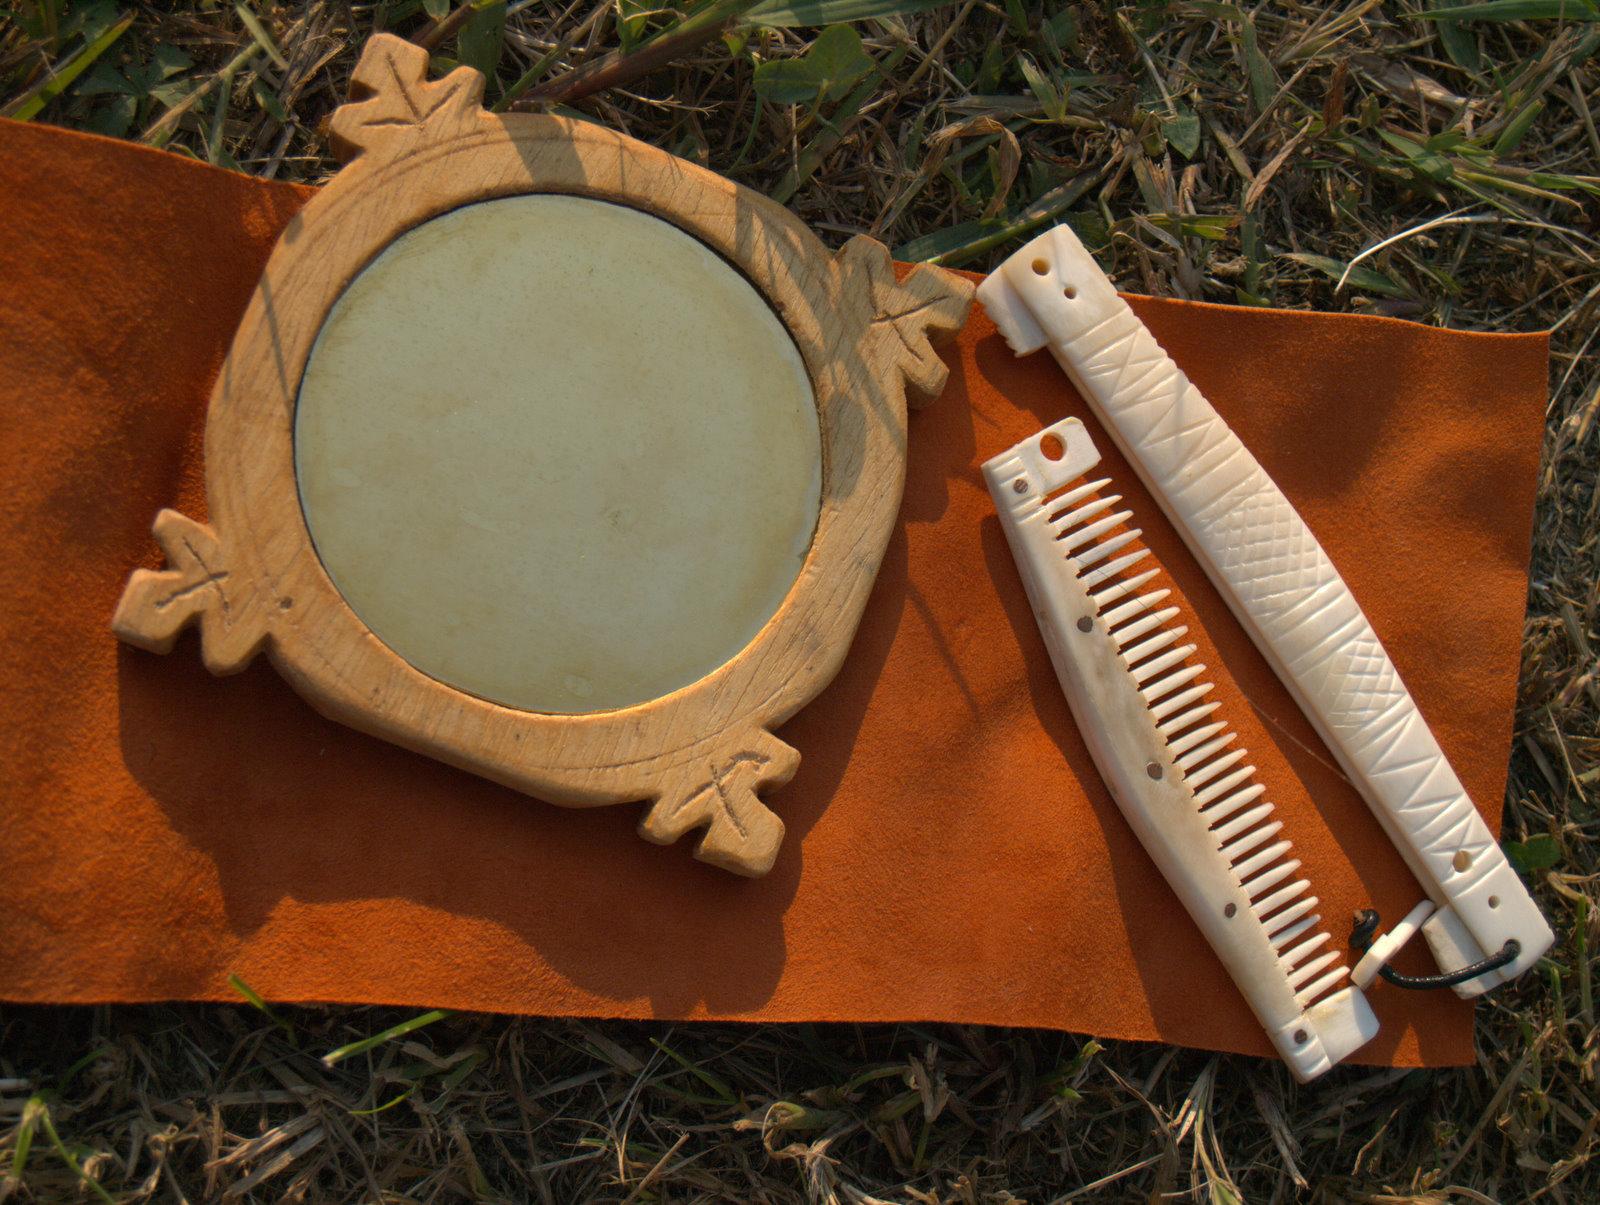 Legno e ottone per specchiarsi